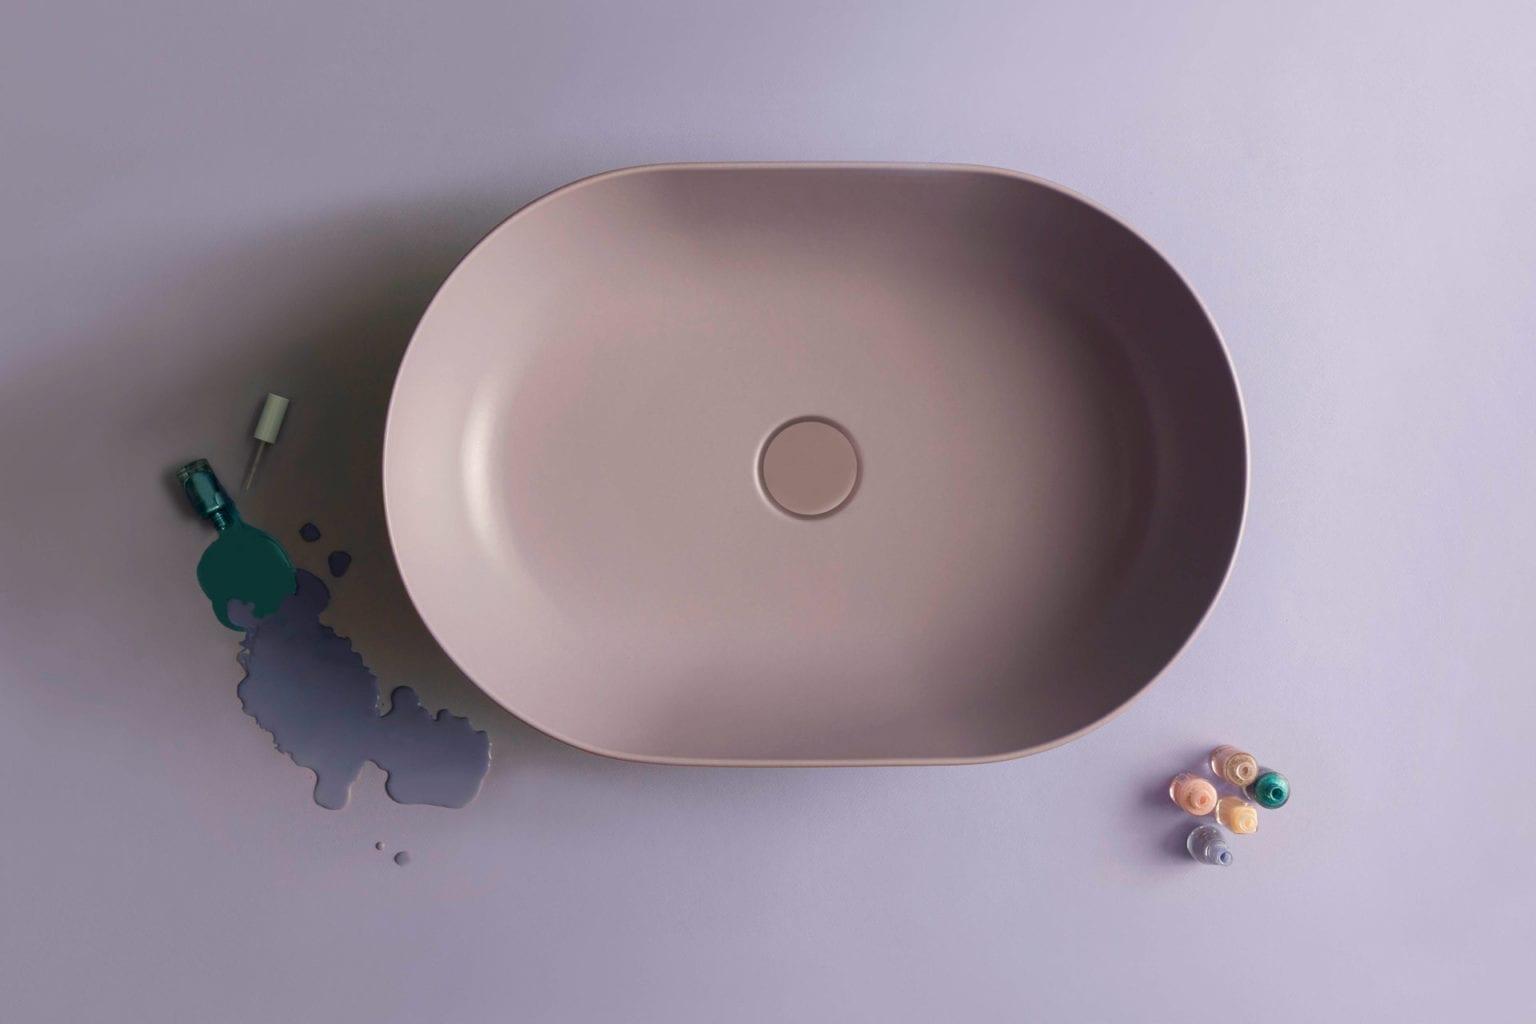 domenico_orefice_design_studio_branding_globo_inspired_life_02